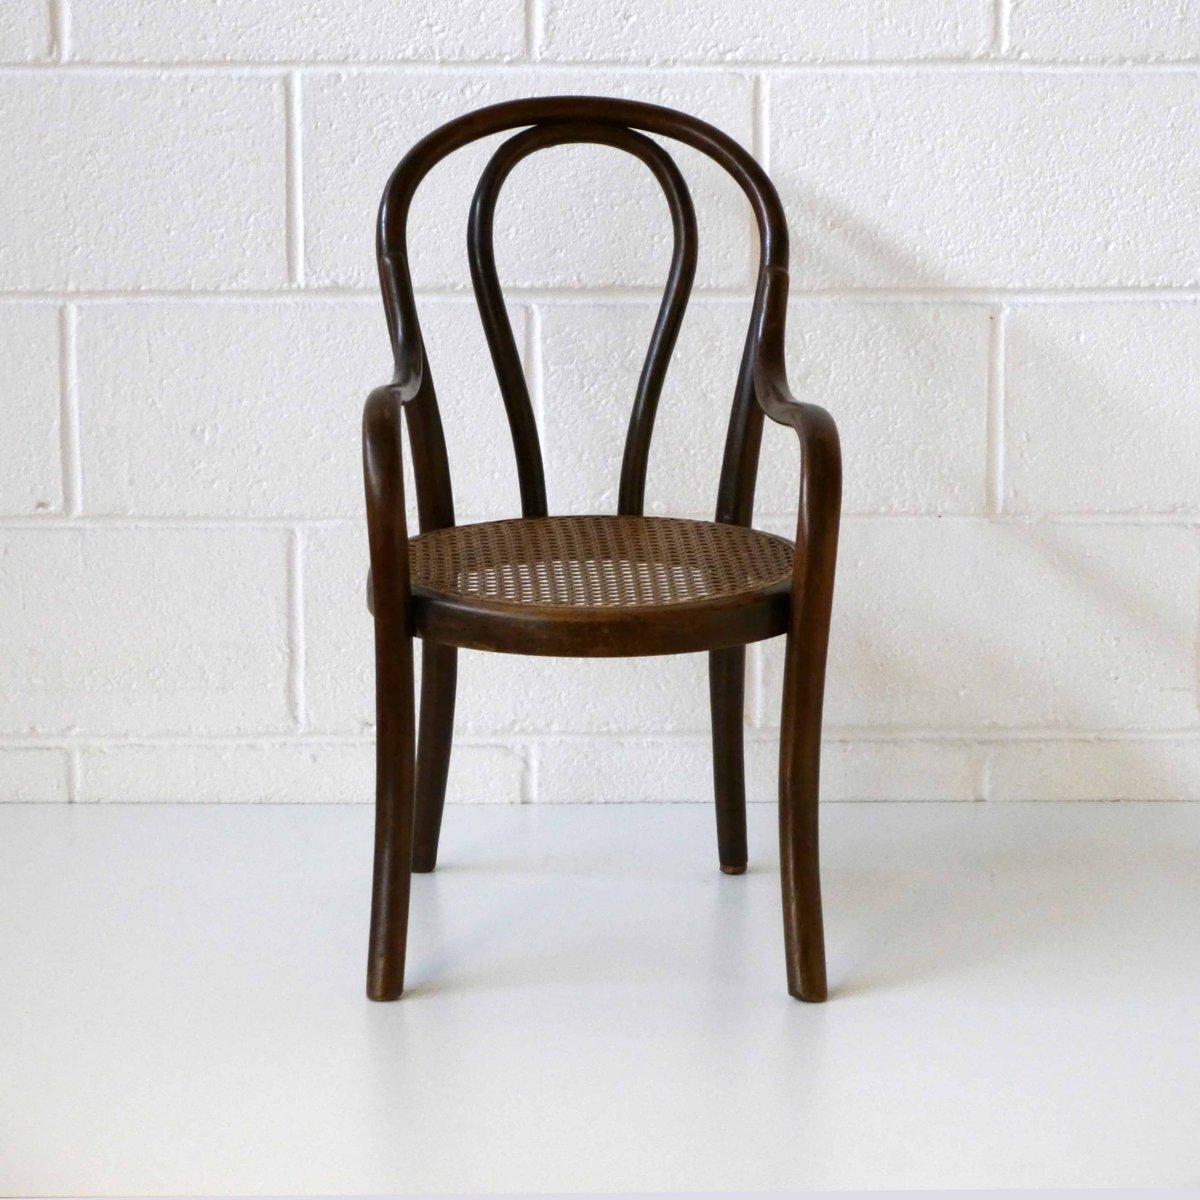 Chaise pour enfant en bois de fischel en vente sur pamono for Chaise enfant bois